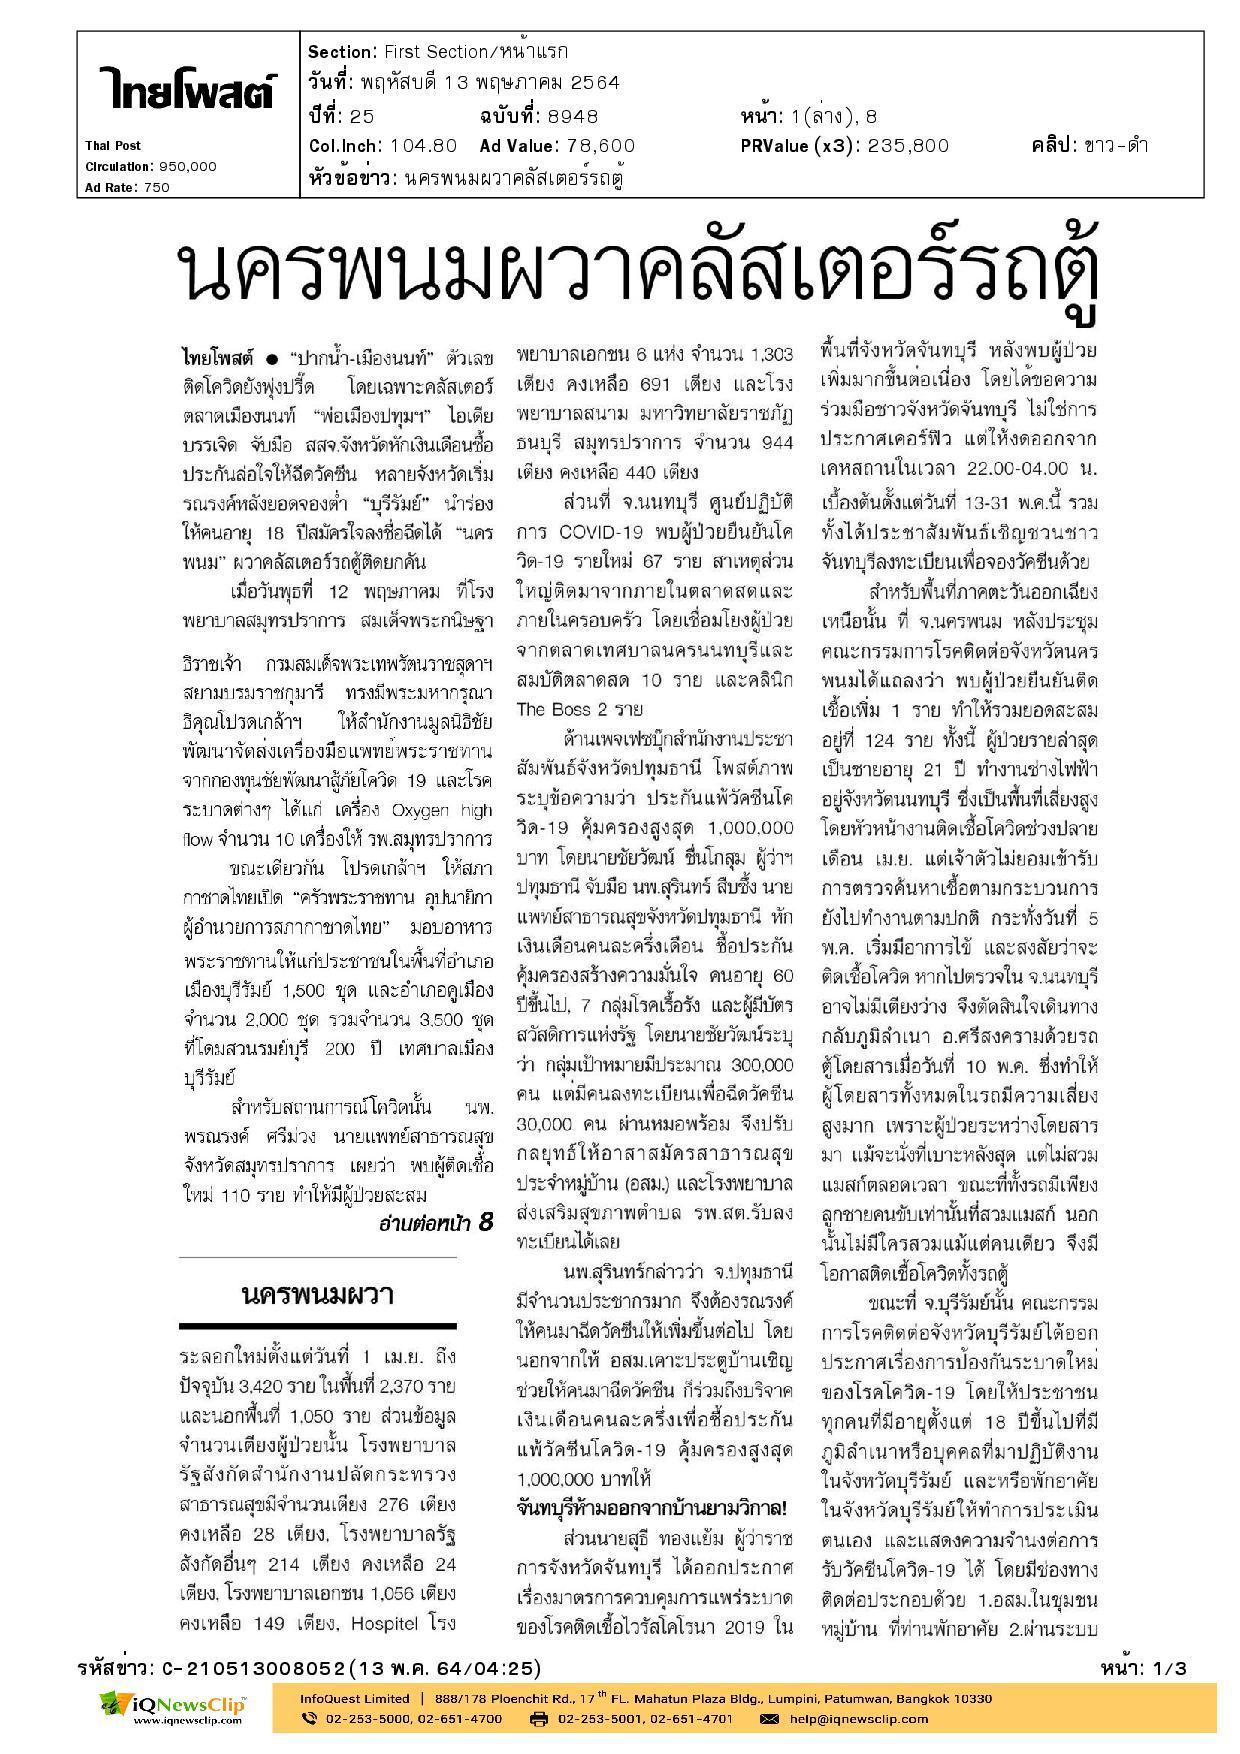 """""""ครัวพระราชทานอุปนายิกาสภากาชาดไทย"""" มอบอาหารพระราชทานให้แก่ประชาชนในจังหวัดบุรีรัมย์"""